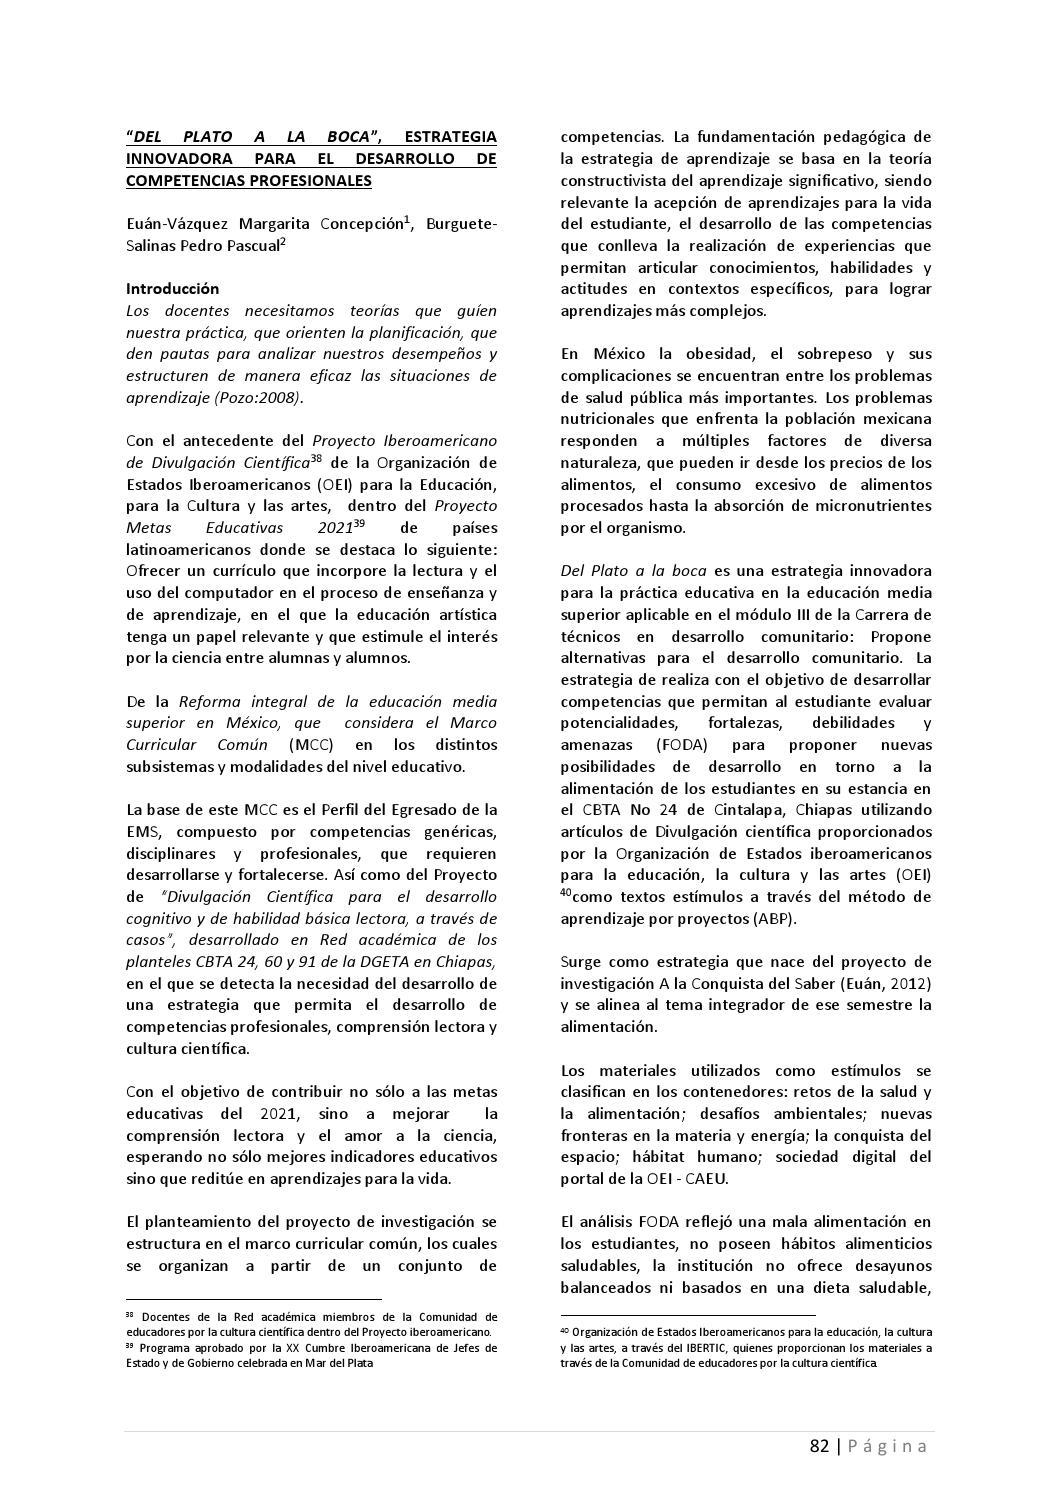 Revista Copei Año 01 No 01 By Revista Copei Mx Issuu